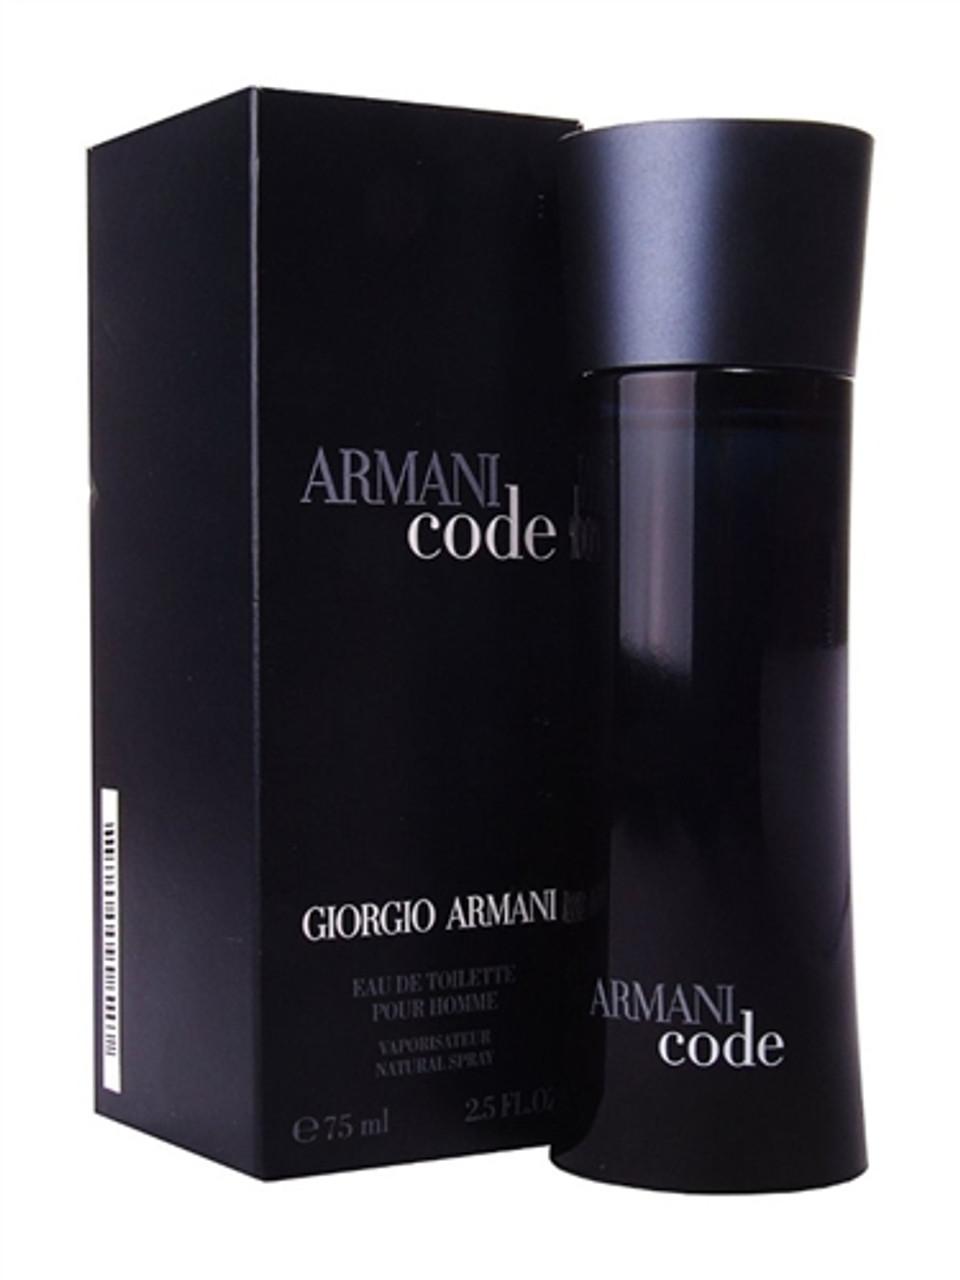 Giorgio Armani Code Eau de Toilette for Men - 2.5 OZ